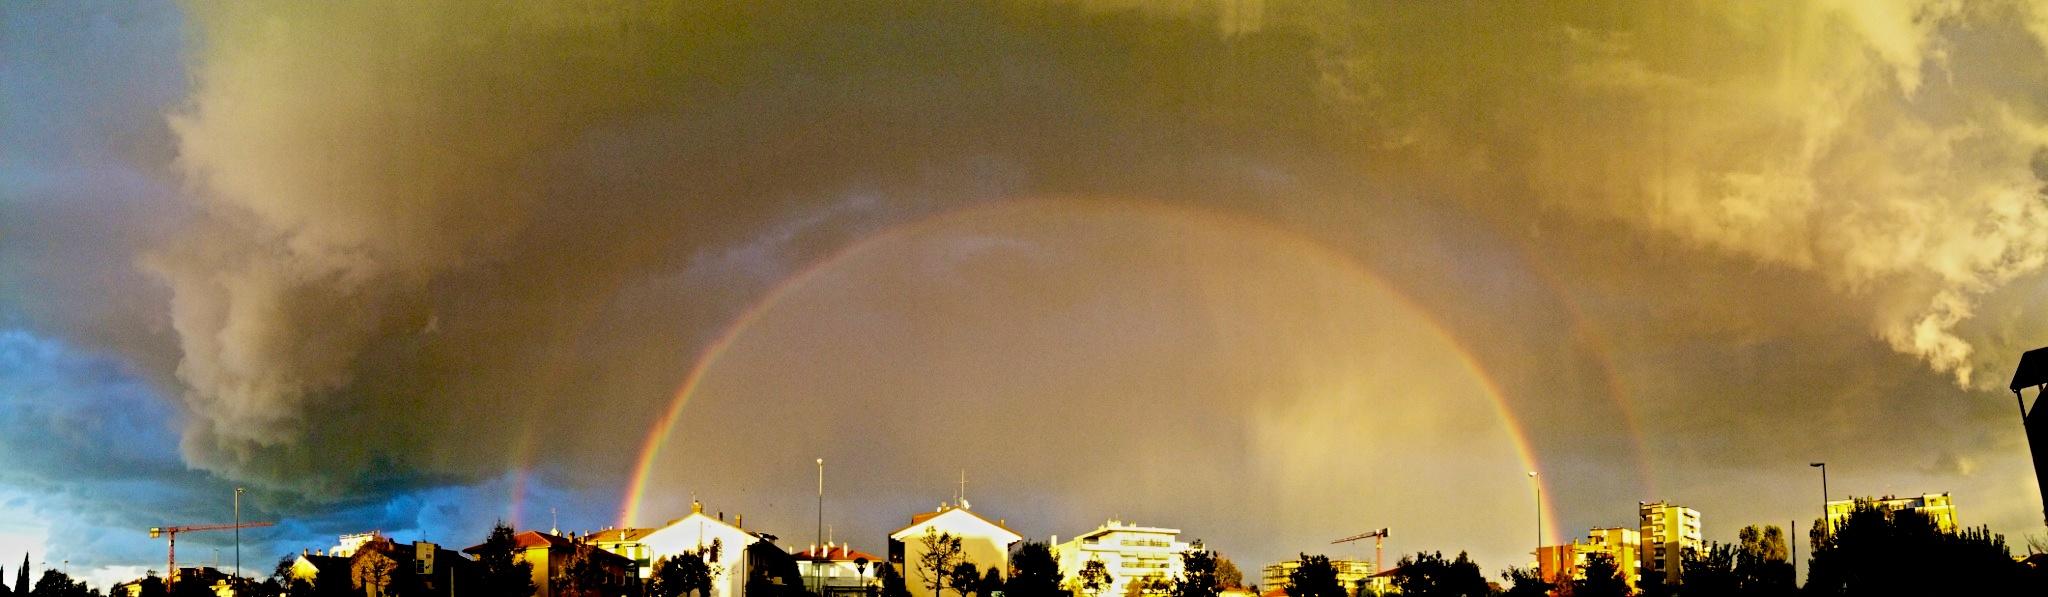 Double rainbow...